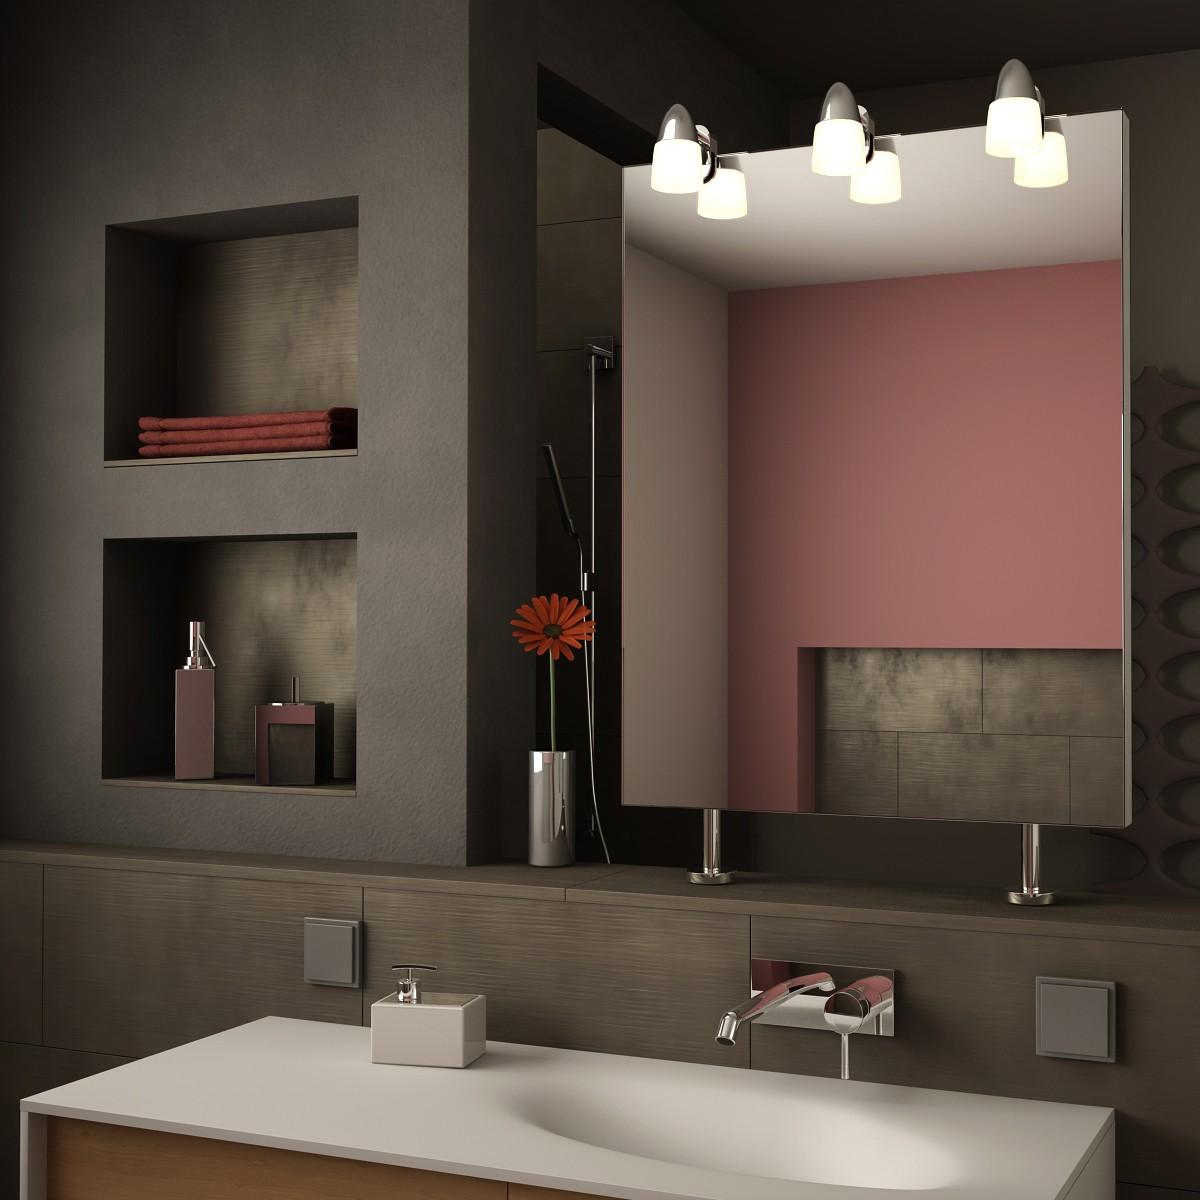 Spiegel Raumteiler mit Leuchte Sticker II